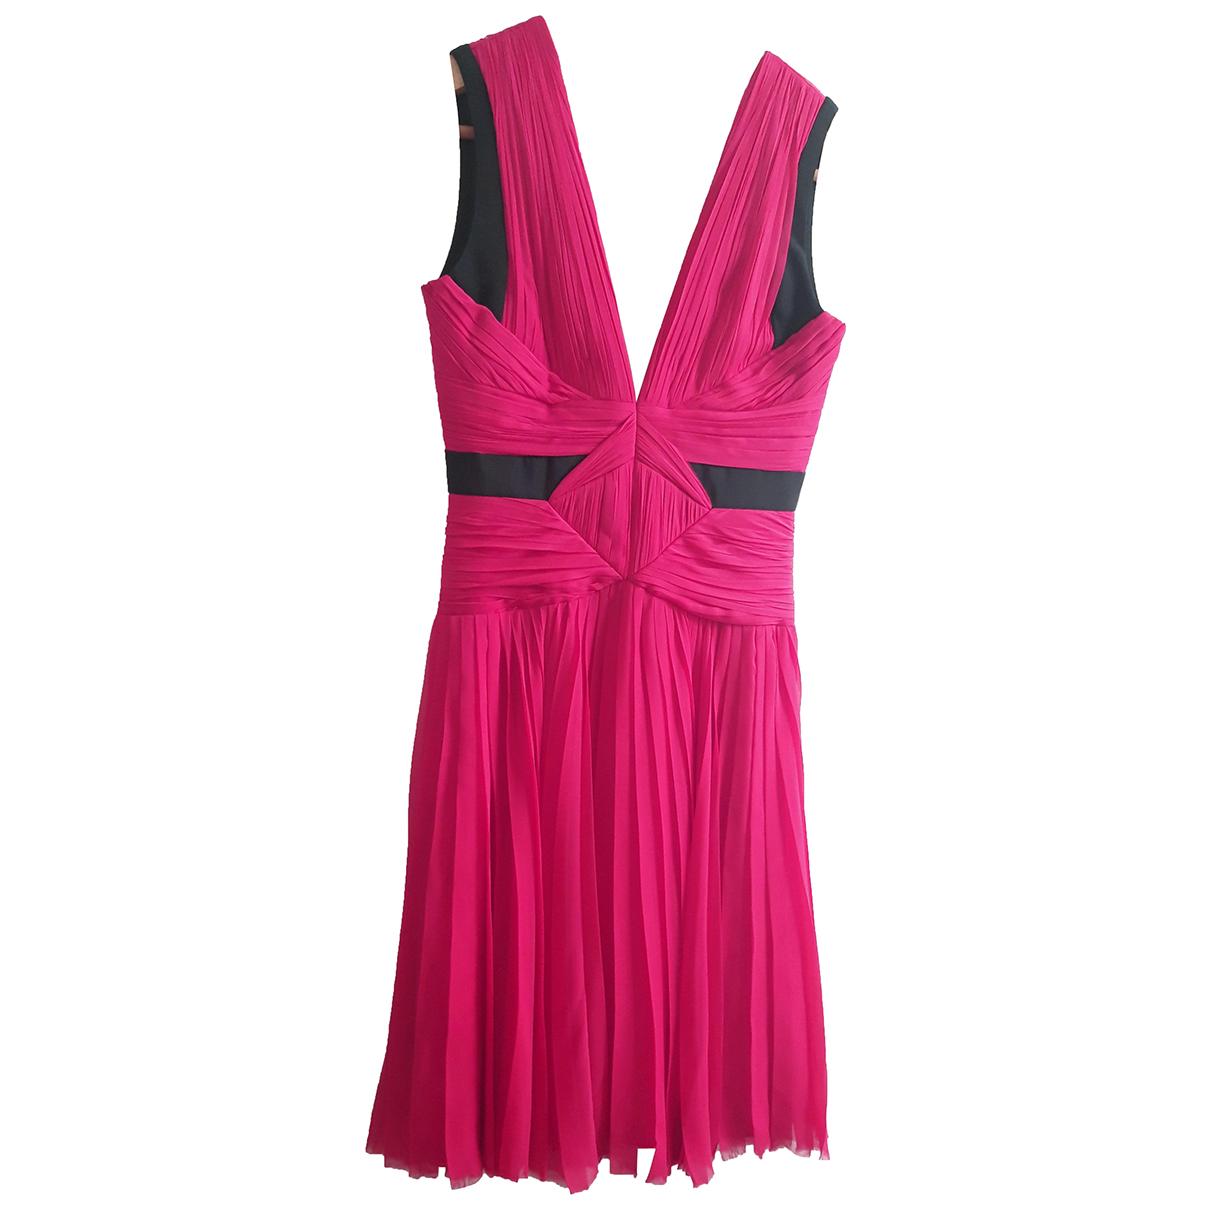 J.mendel \N Kleid in  Rot Seide